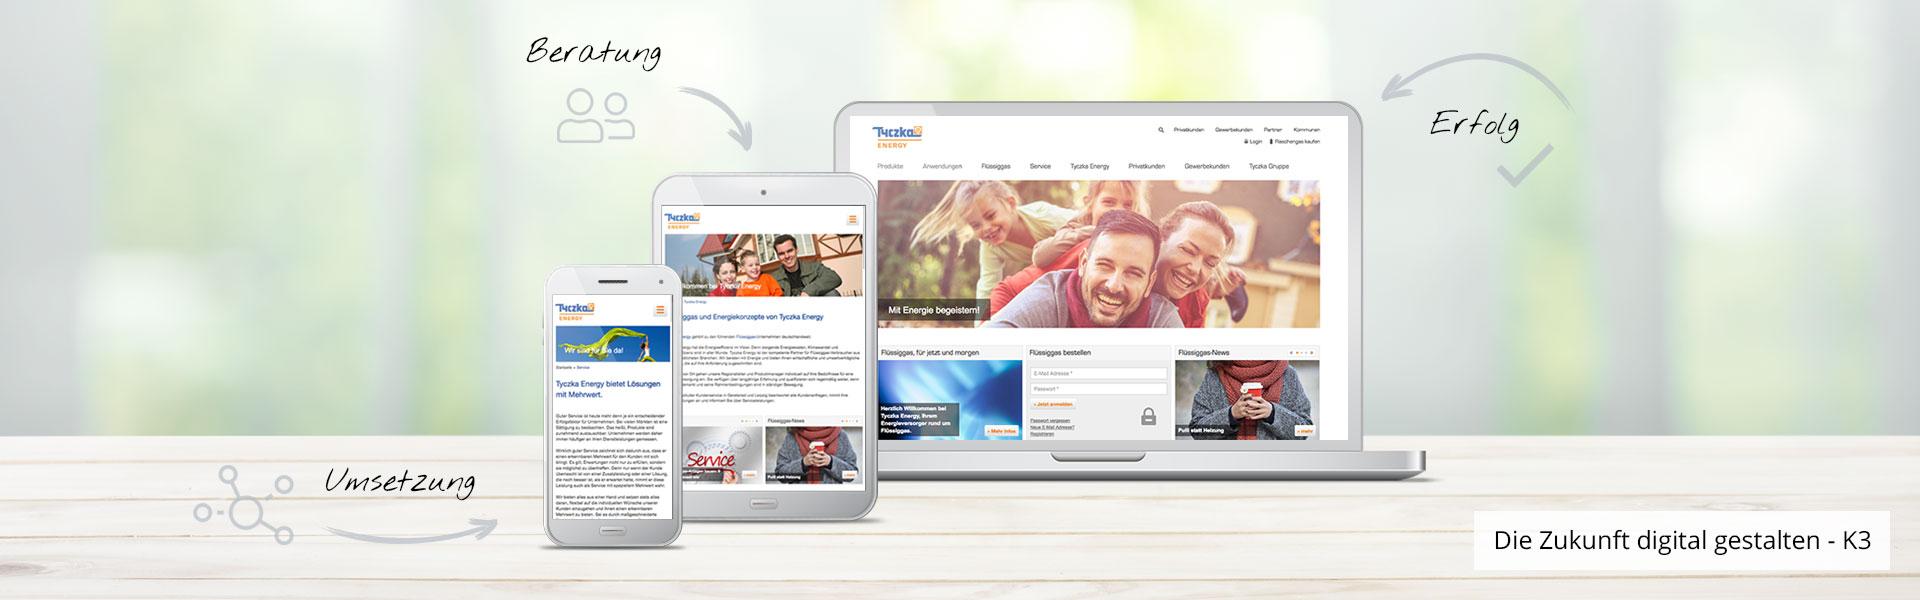 Die Zukunft Digital gestalten mit der K3 Innovationen GmbH